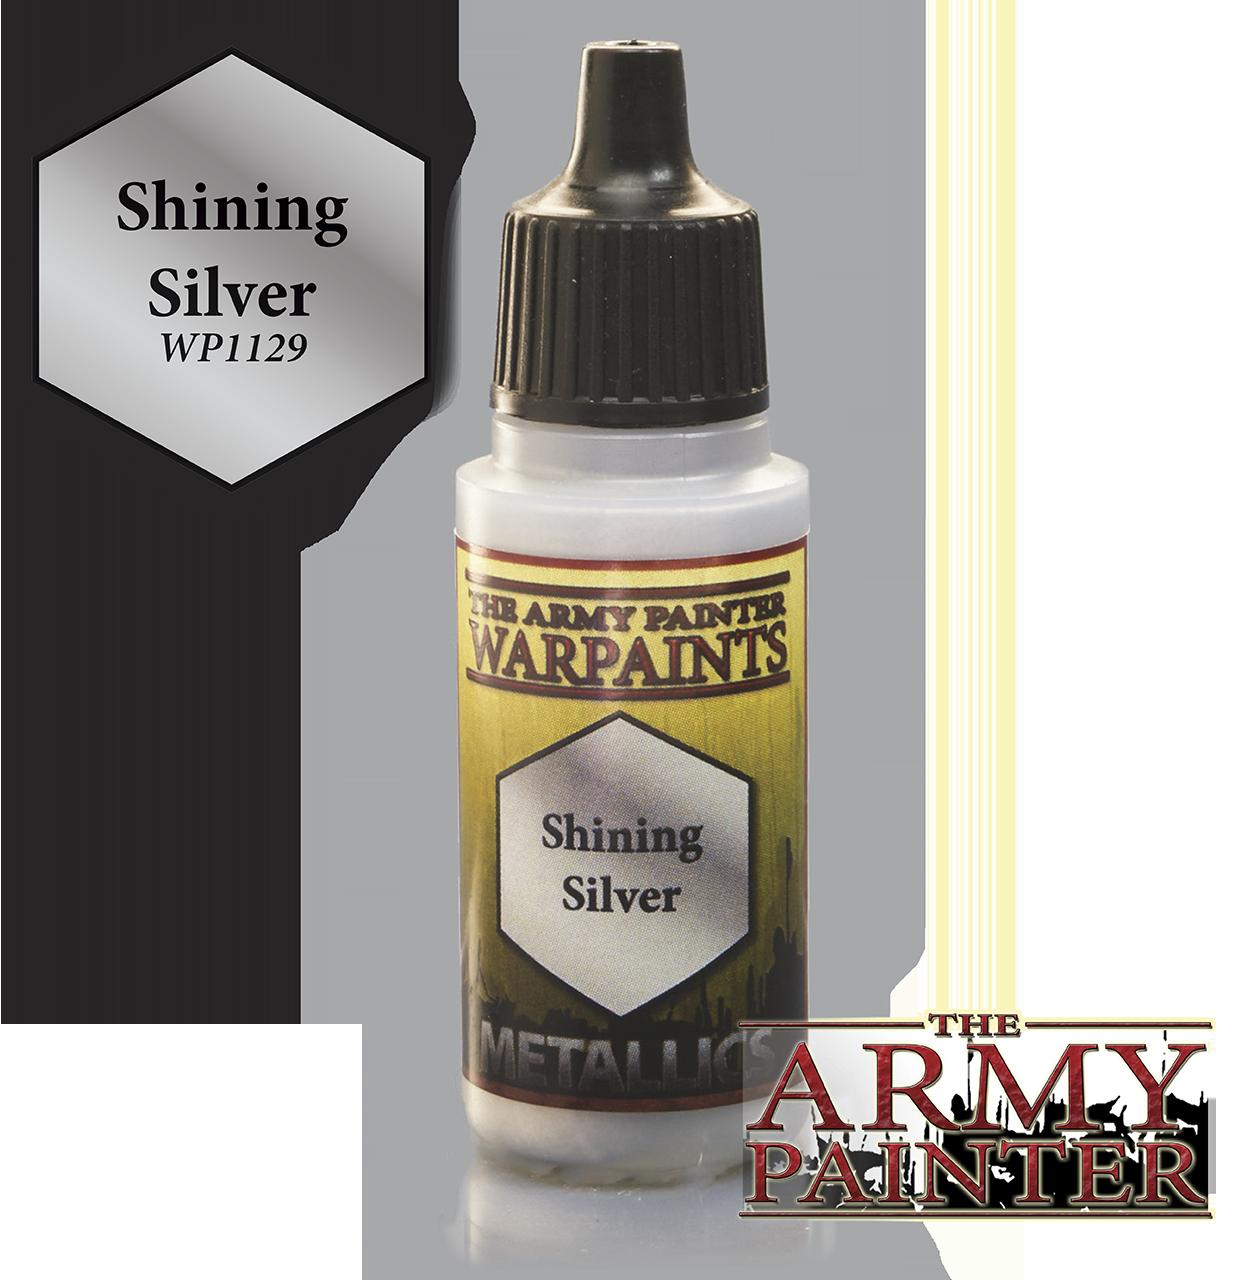 Shining Silver